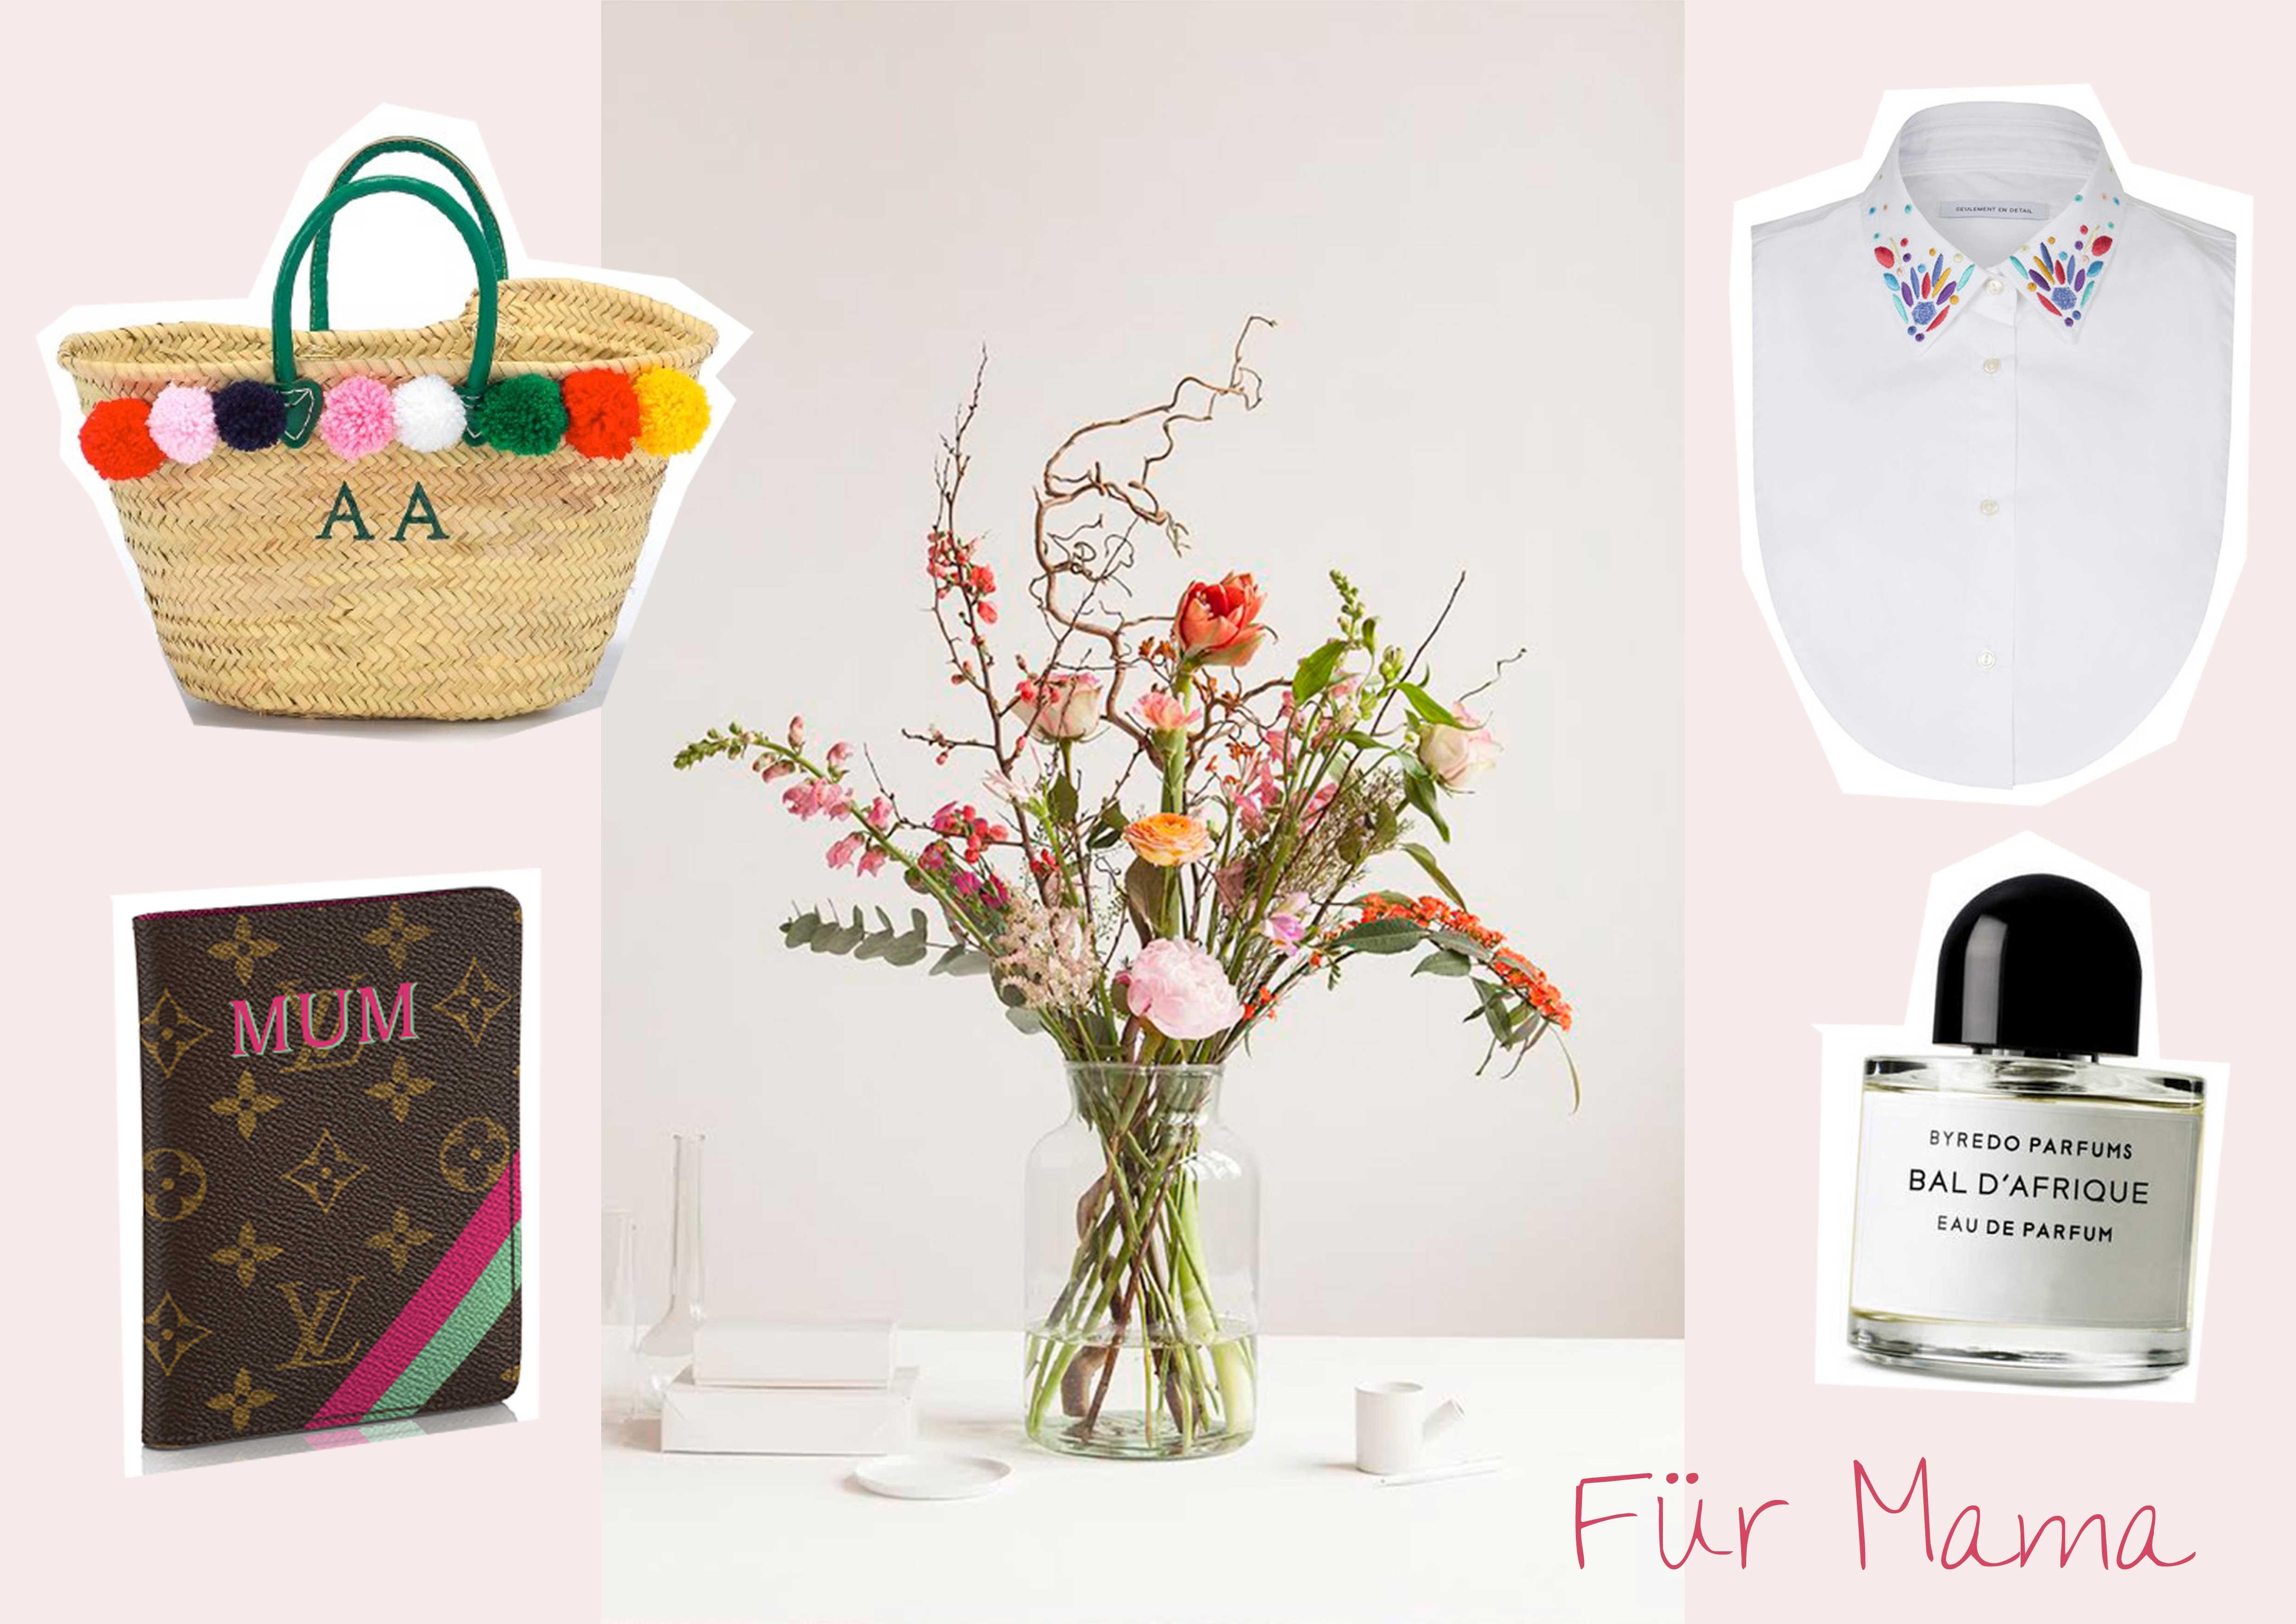 Geschenkeguide: Die 12 schönsten Überraschungen zum Muttertag ...